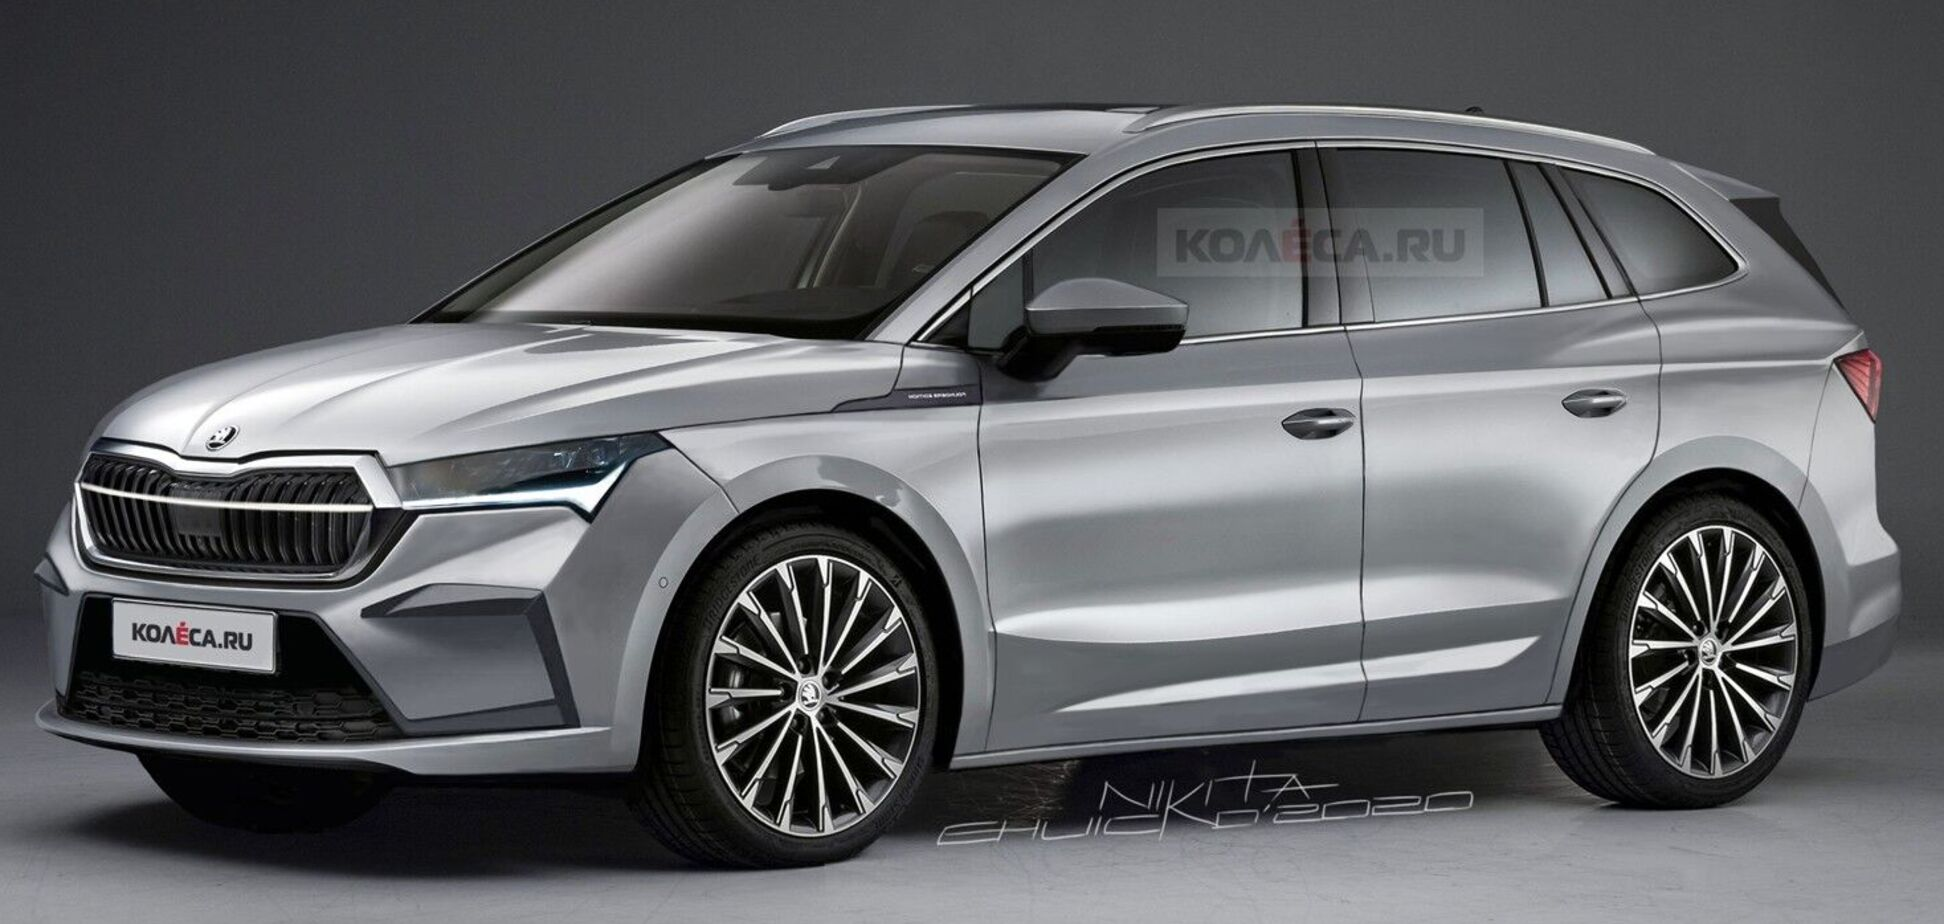 Так будет выглядеть серийный электромобиль Skoda. Фото: kolesa.ru